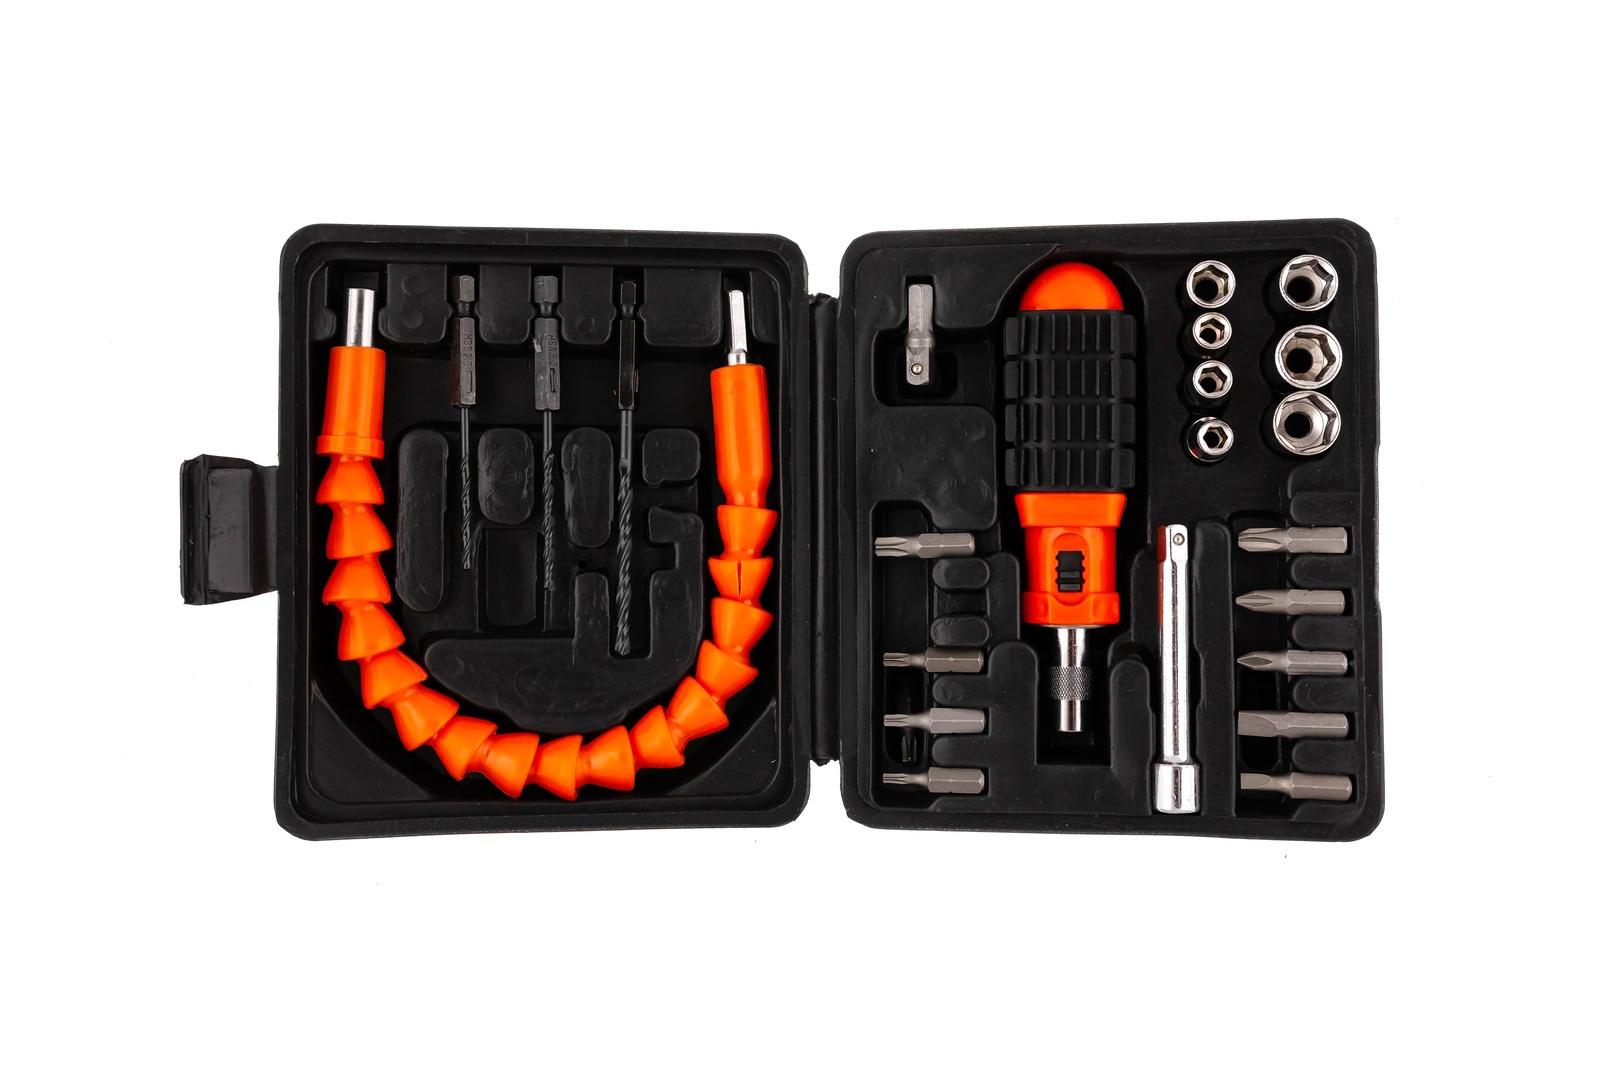 Набор инструментов Archimedes Универсальный набор с битами, 24 шт набор инструментов archimedes набор домашнего мастера 113 шт